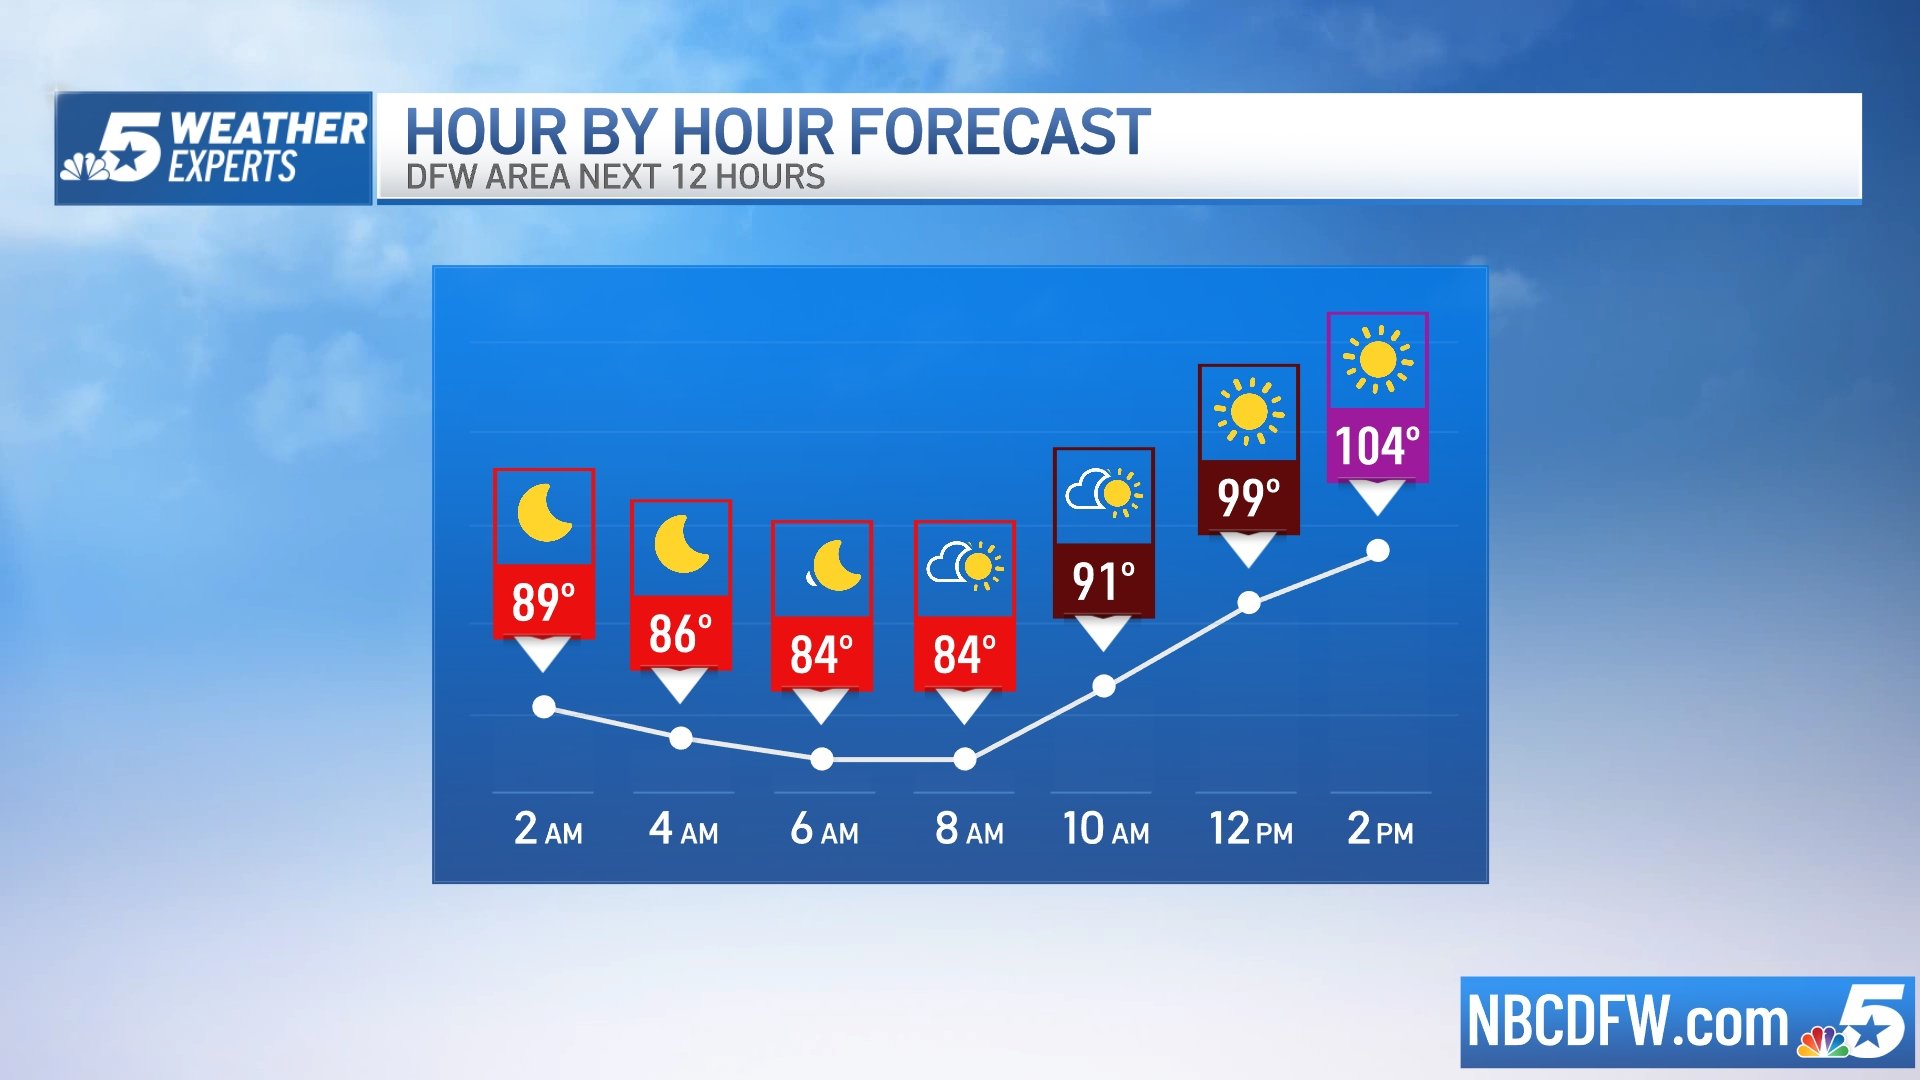 12 Hour Forecast